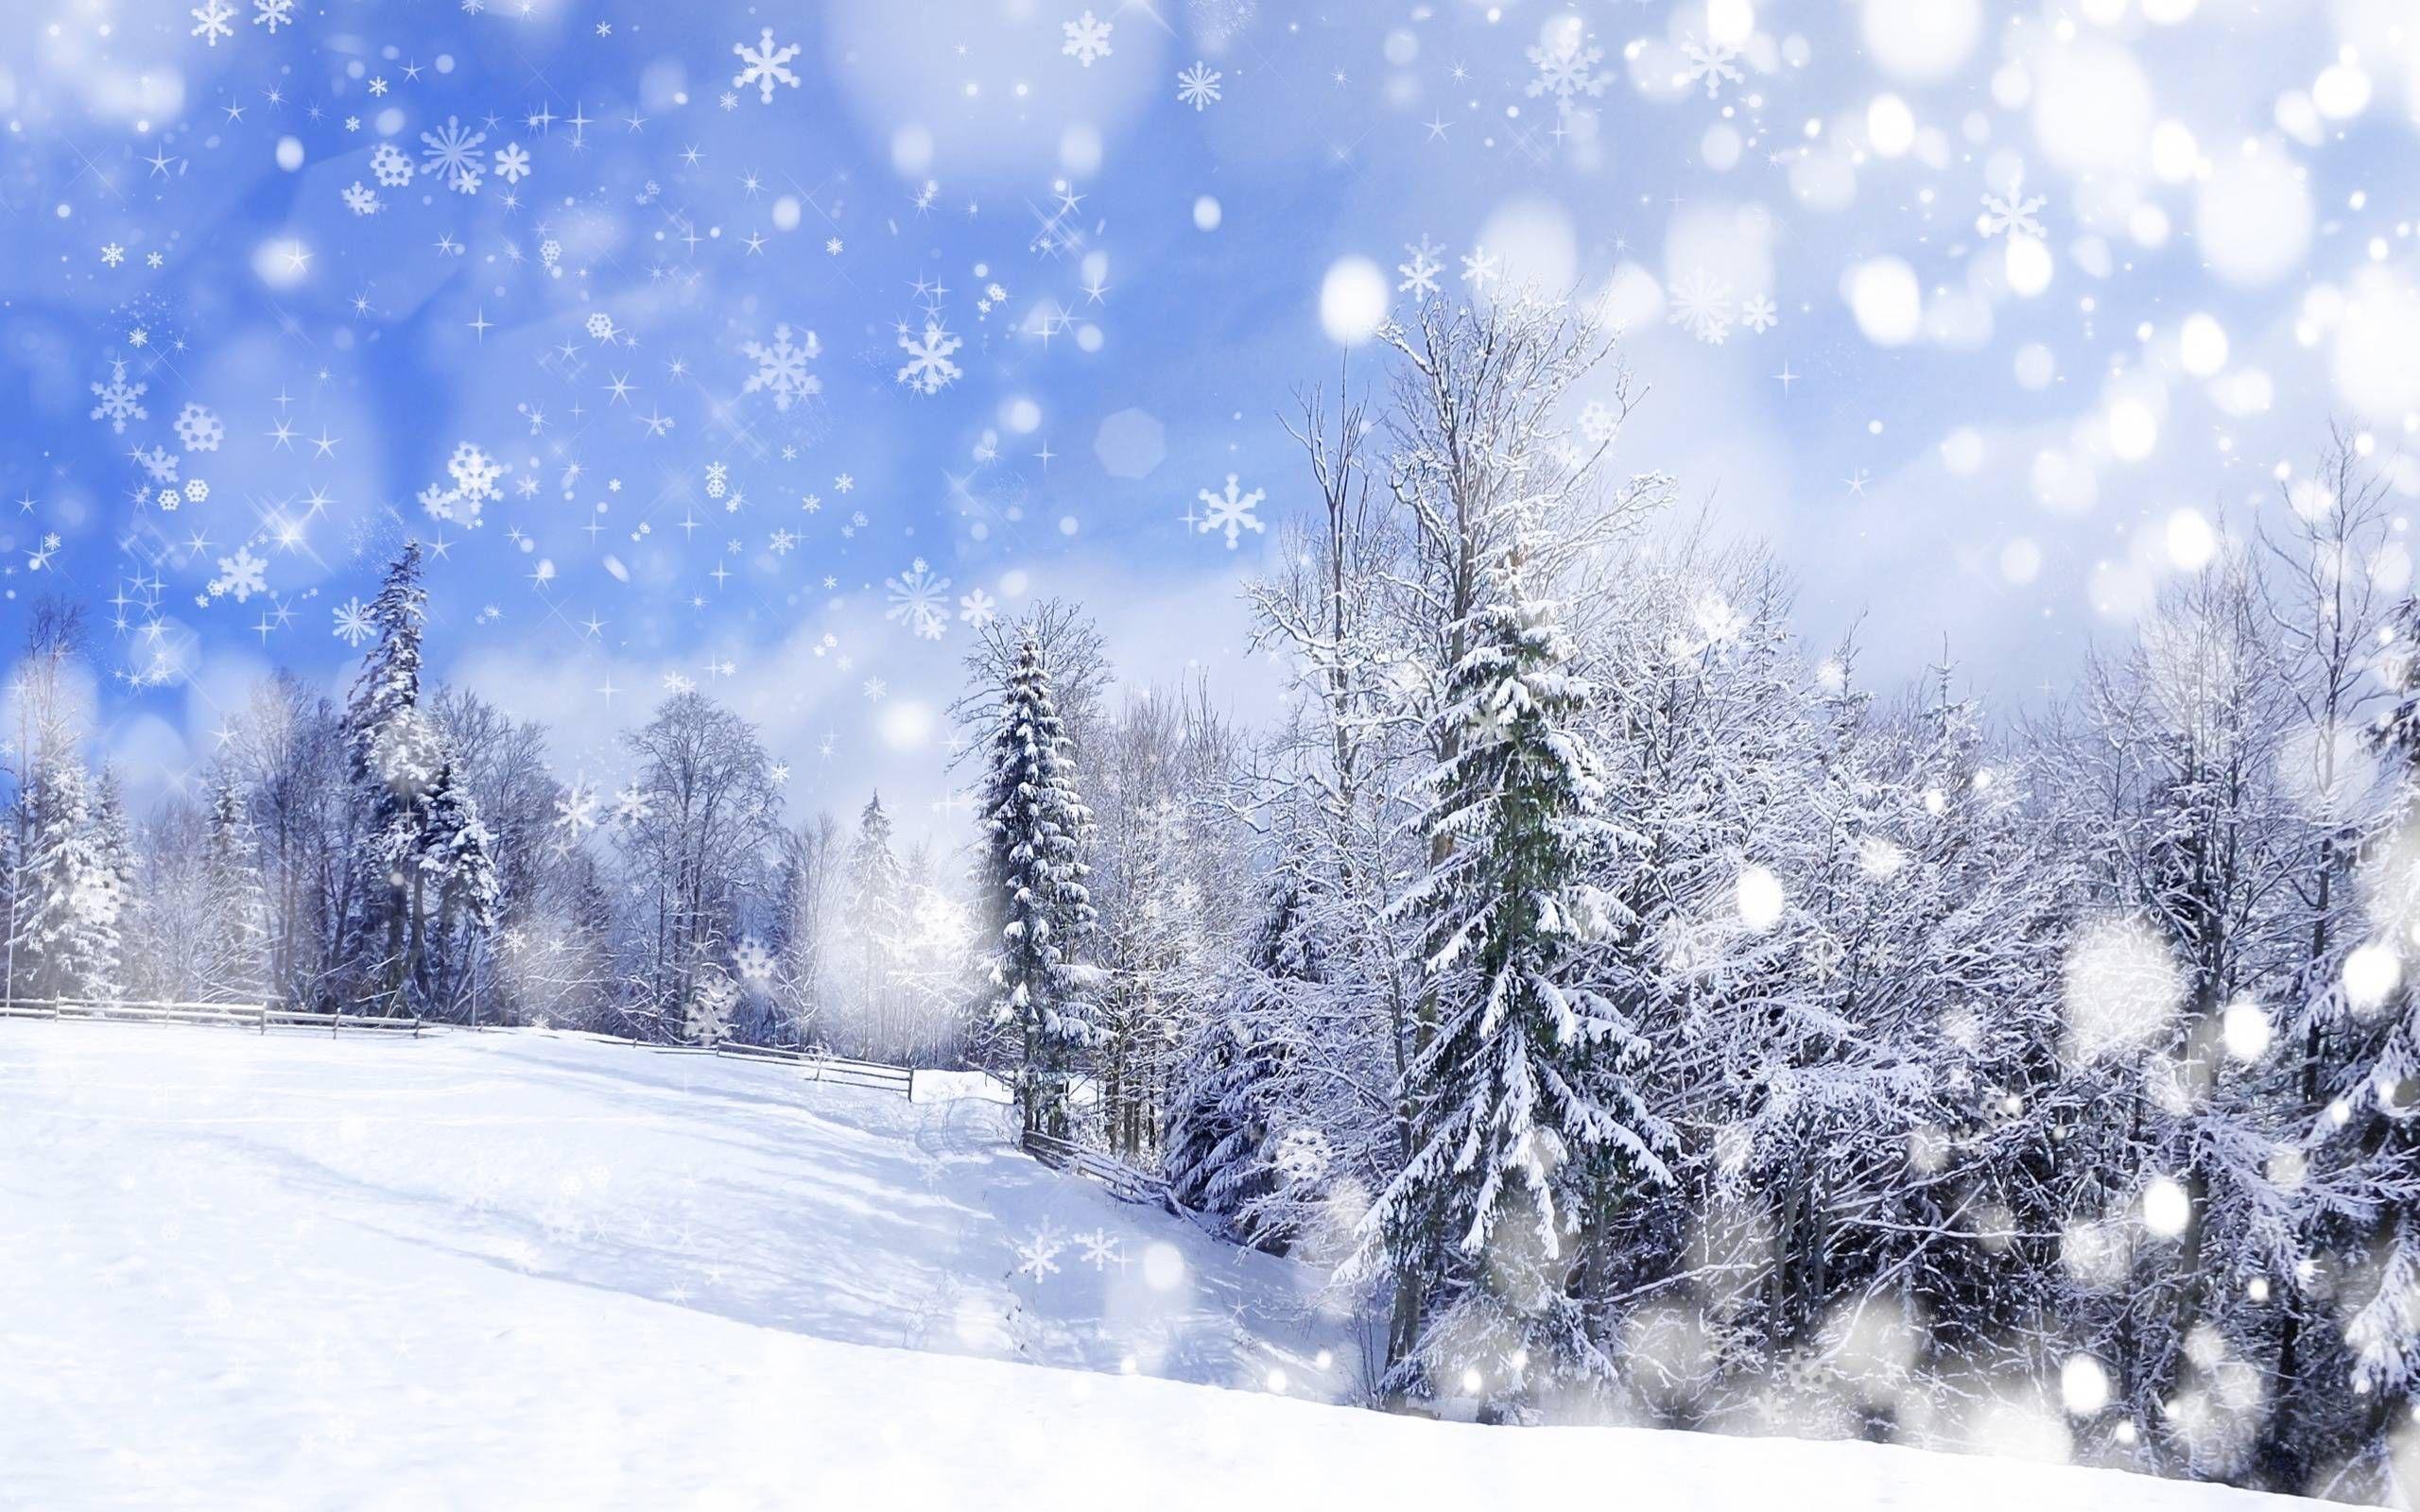 Anime Winter Scenery Wallpaper 9 Winter Scenery Winter Wallpaper Scenery Wallpaper